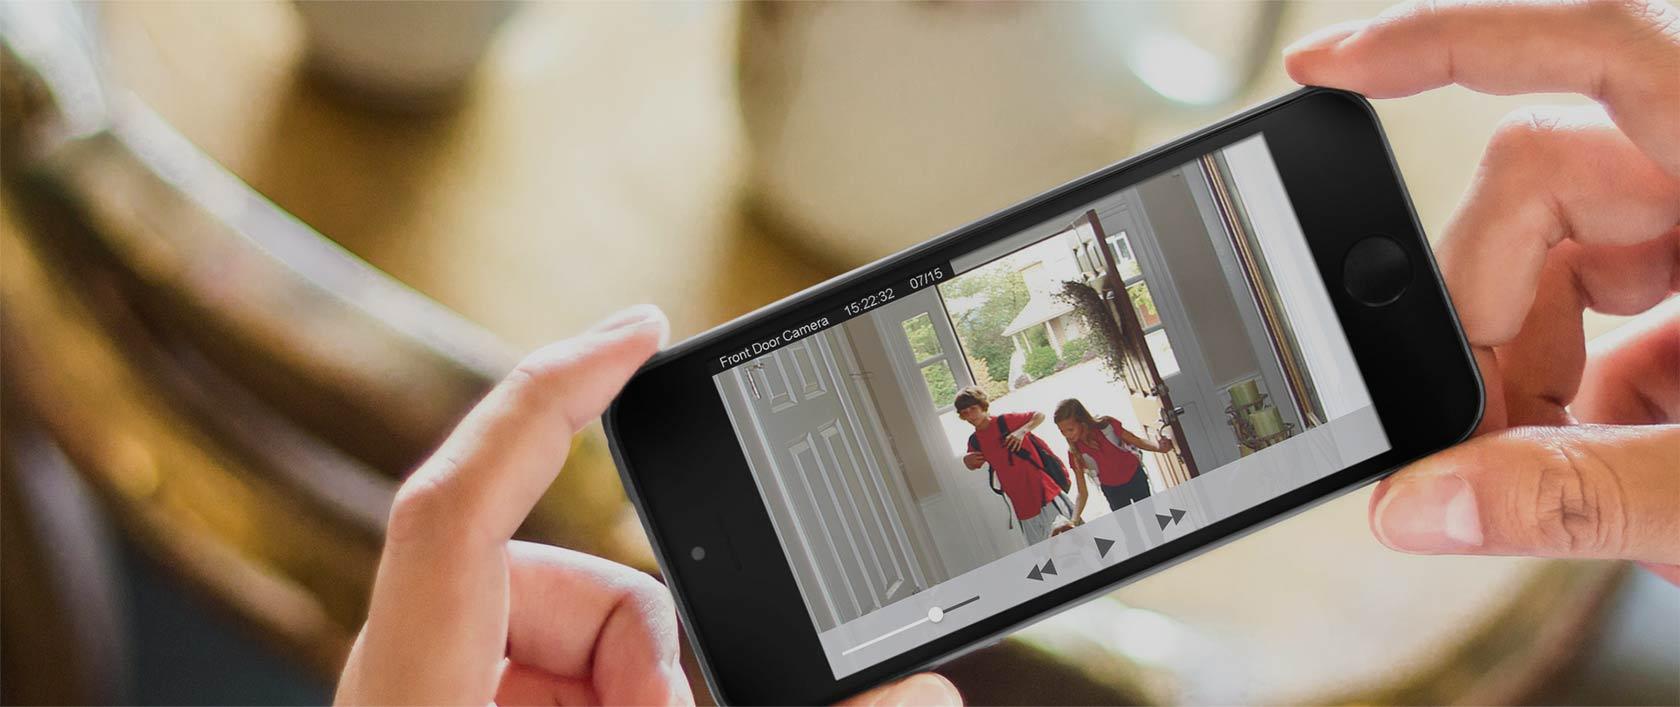 онлайн ролики для мобильного - 2